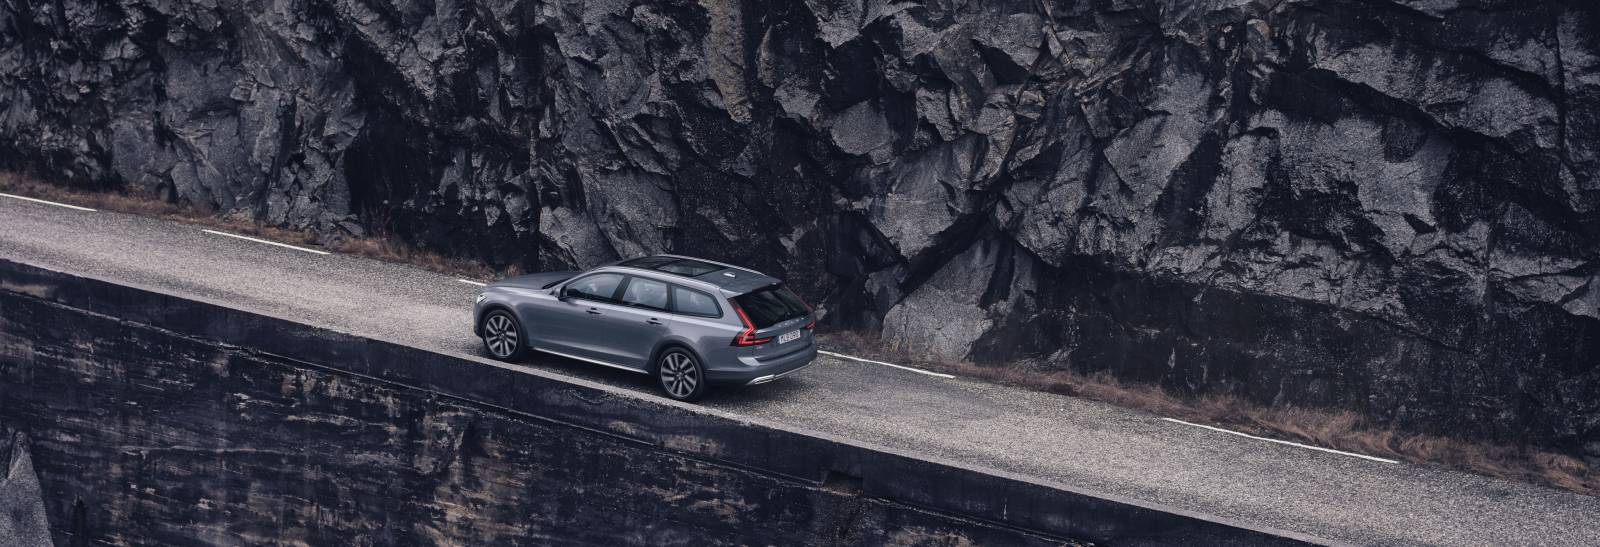 Volvo V90 CROSS COUNTRY - Ilustrativní fotografie